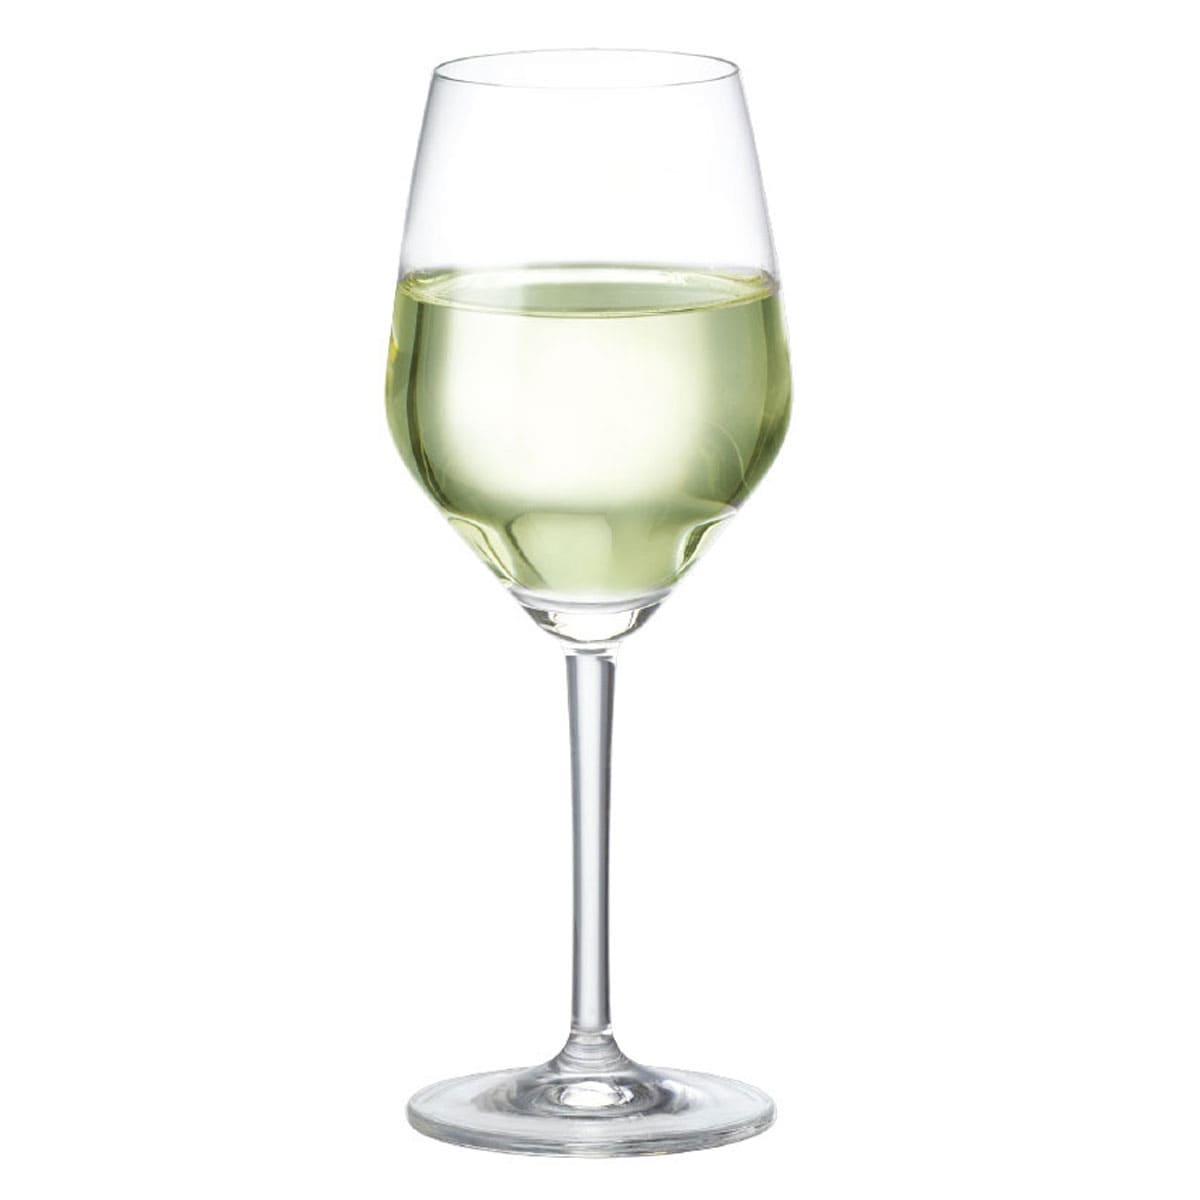 Taça de Vidro Elegance Vinho Branco 375ml (Caixa com 12 unidades)